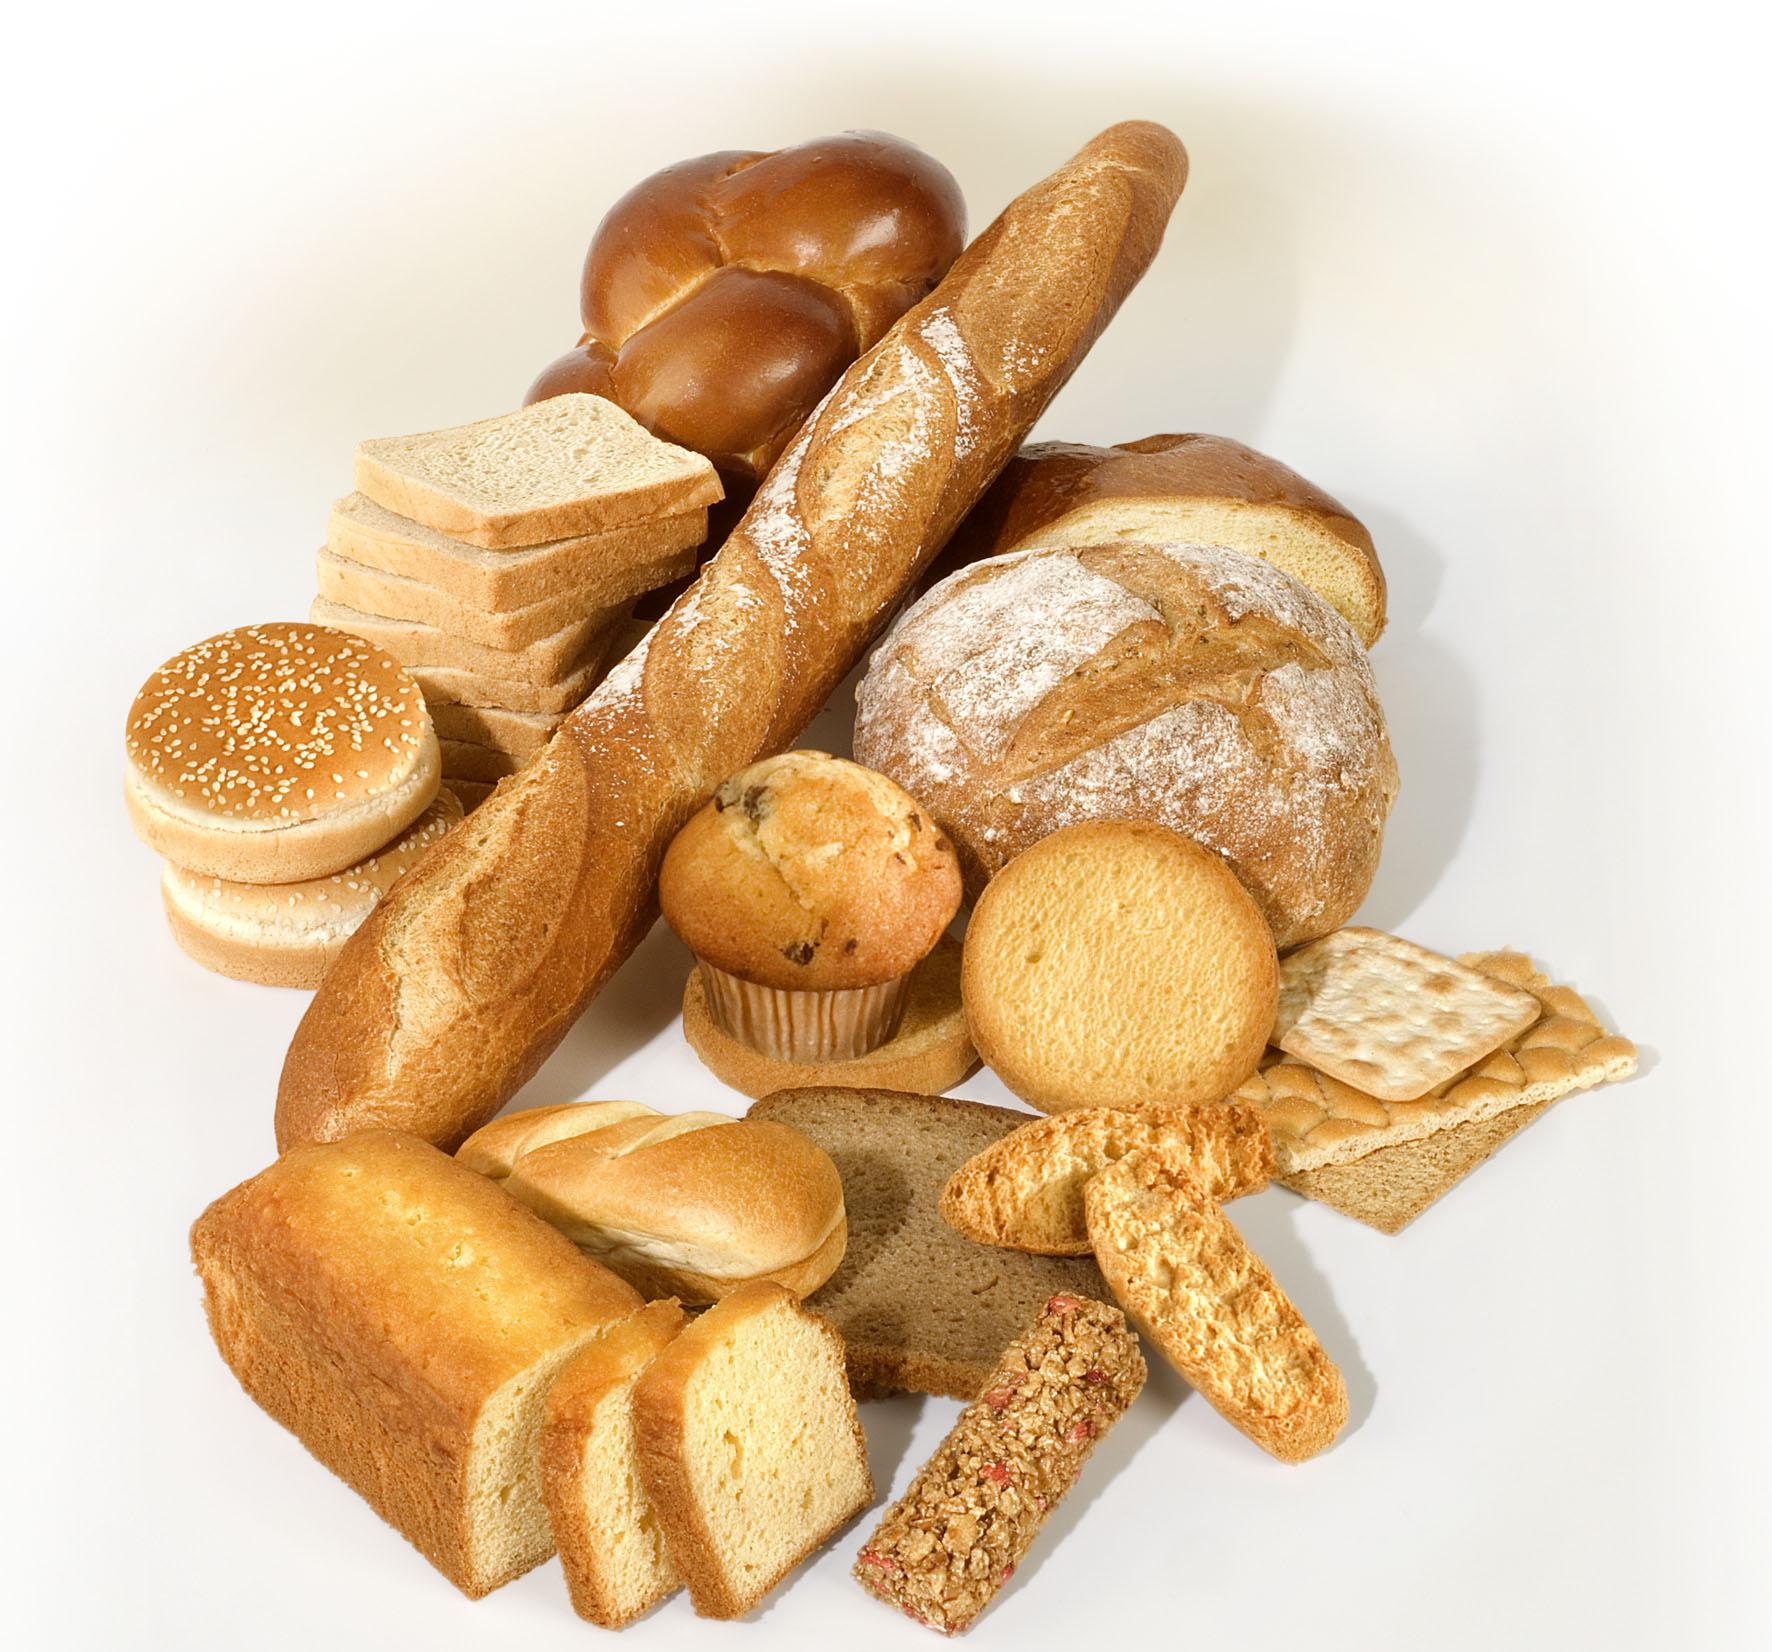 вам, хлебные изделия в картинках для жаркие